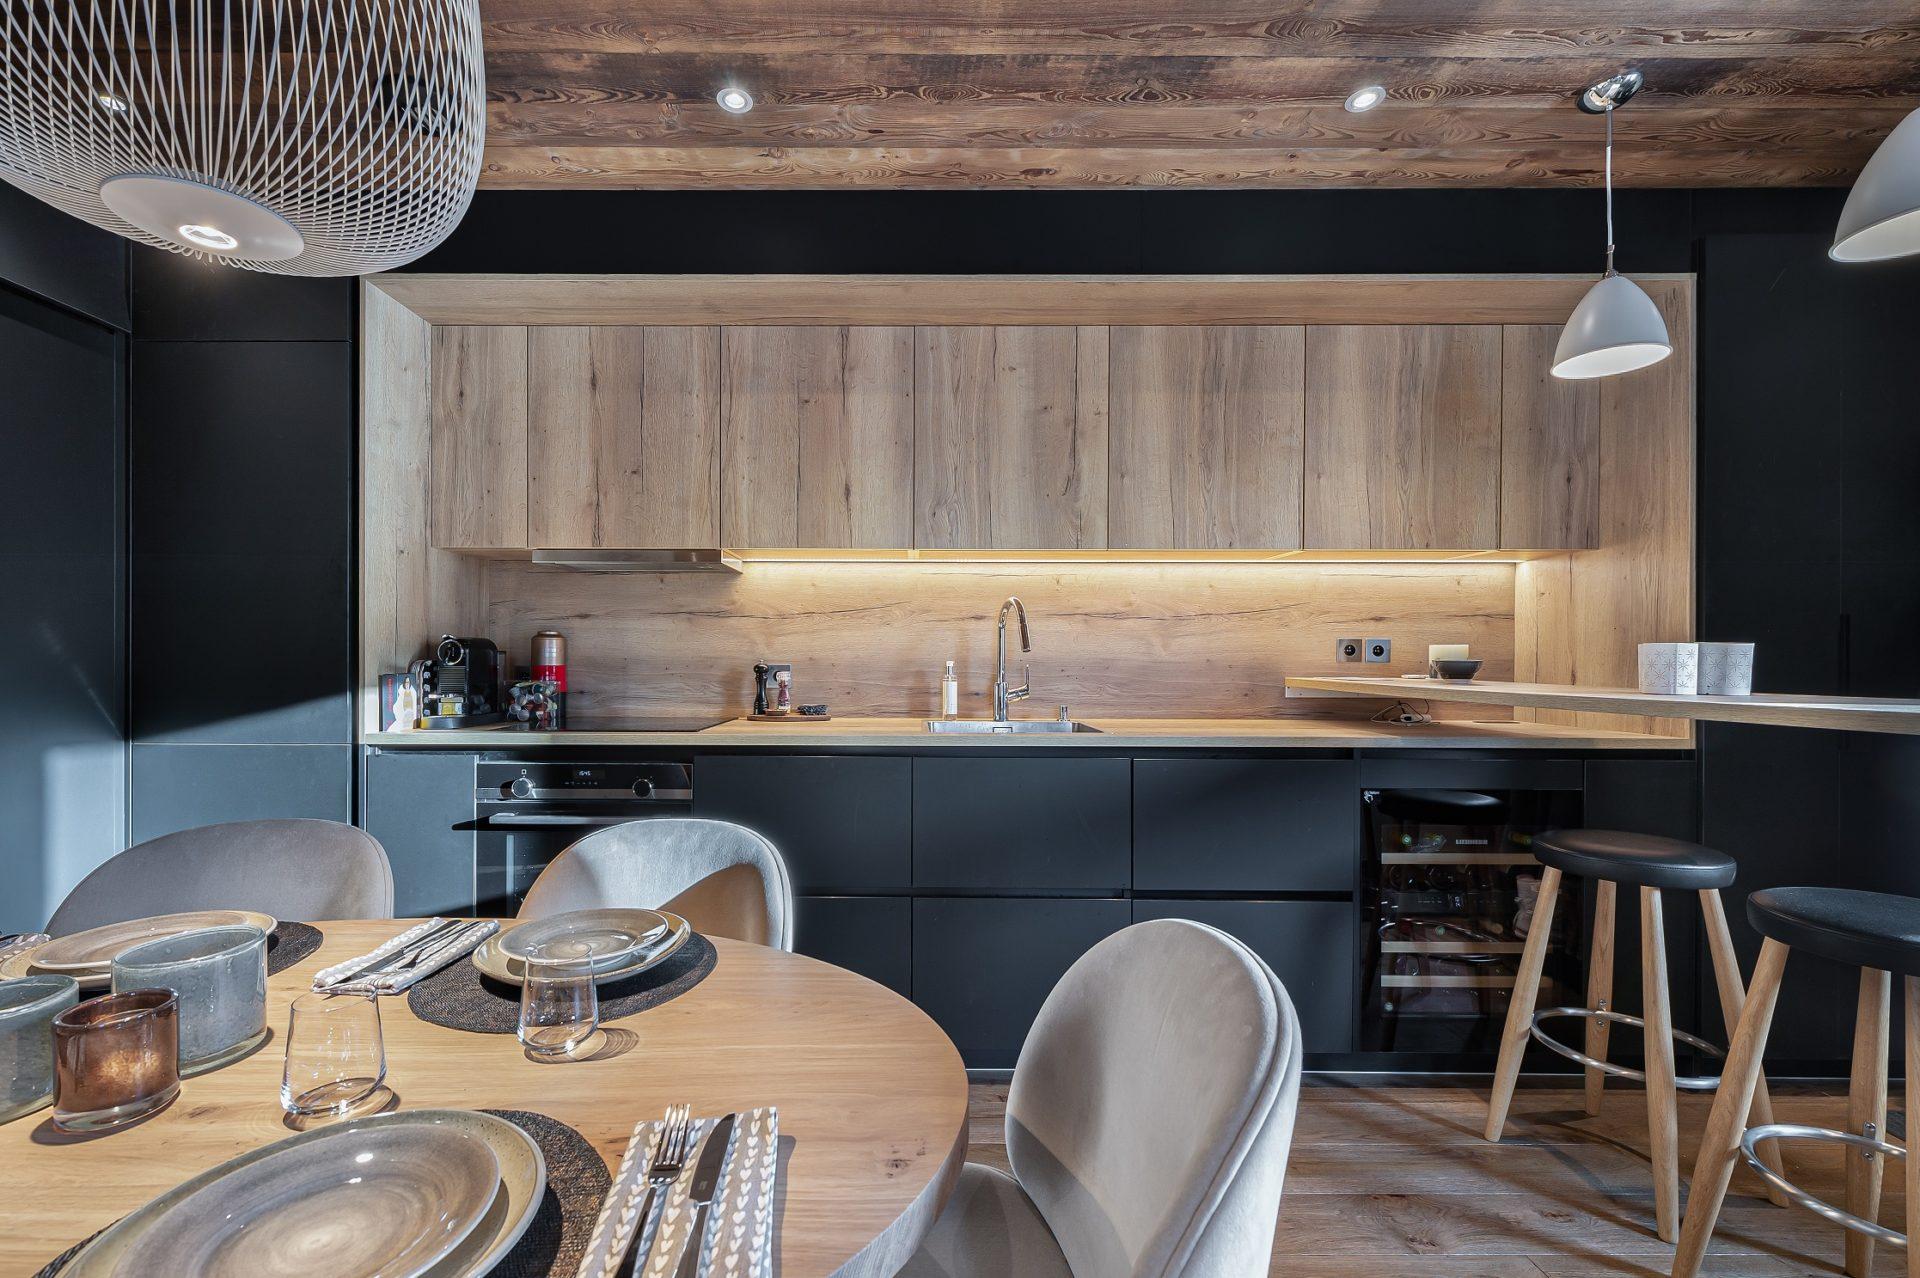 L'Epicerie / Appartement 3 / Cuisine / Saint Martin de Belleville, Savoie